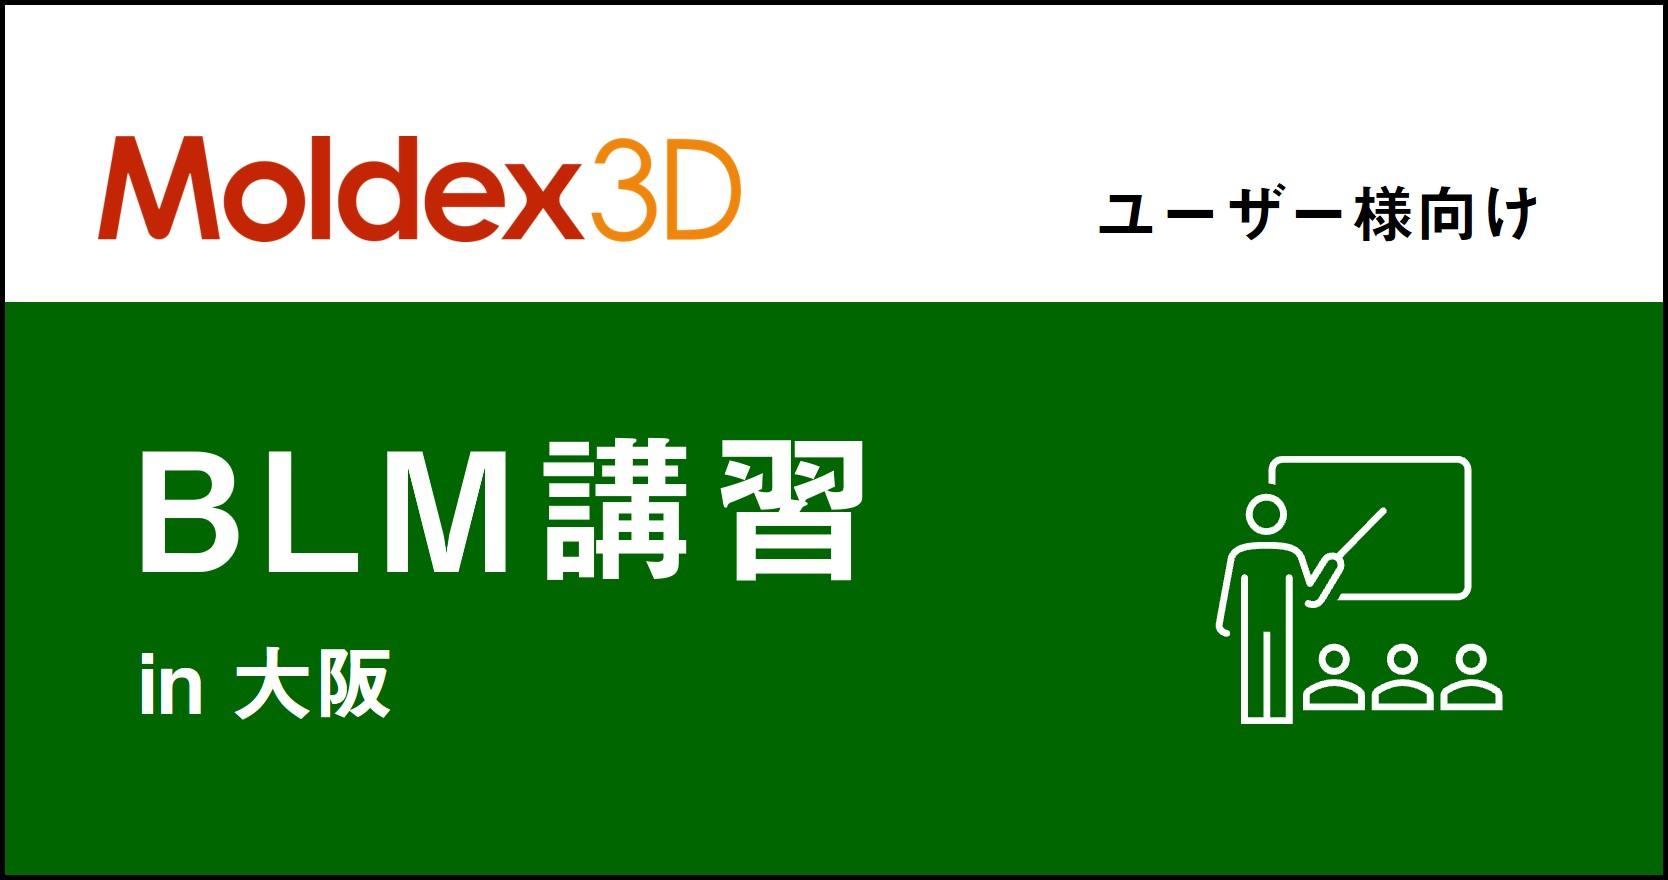 【大阪】9~12月 Moldex3D/ BLM 講習 ※旧「Designer BLM講習」